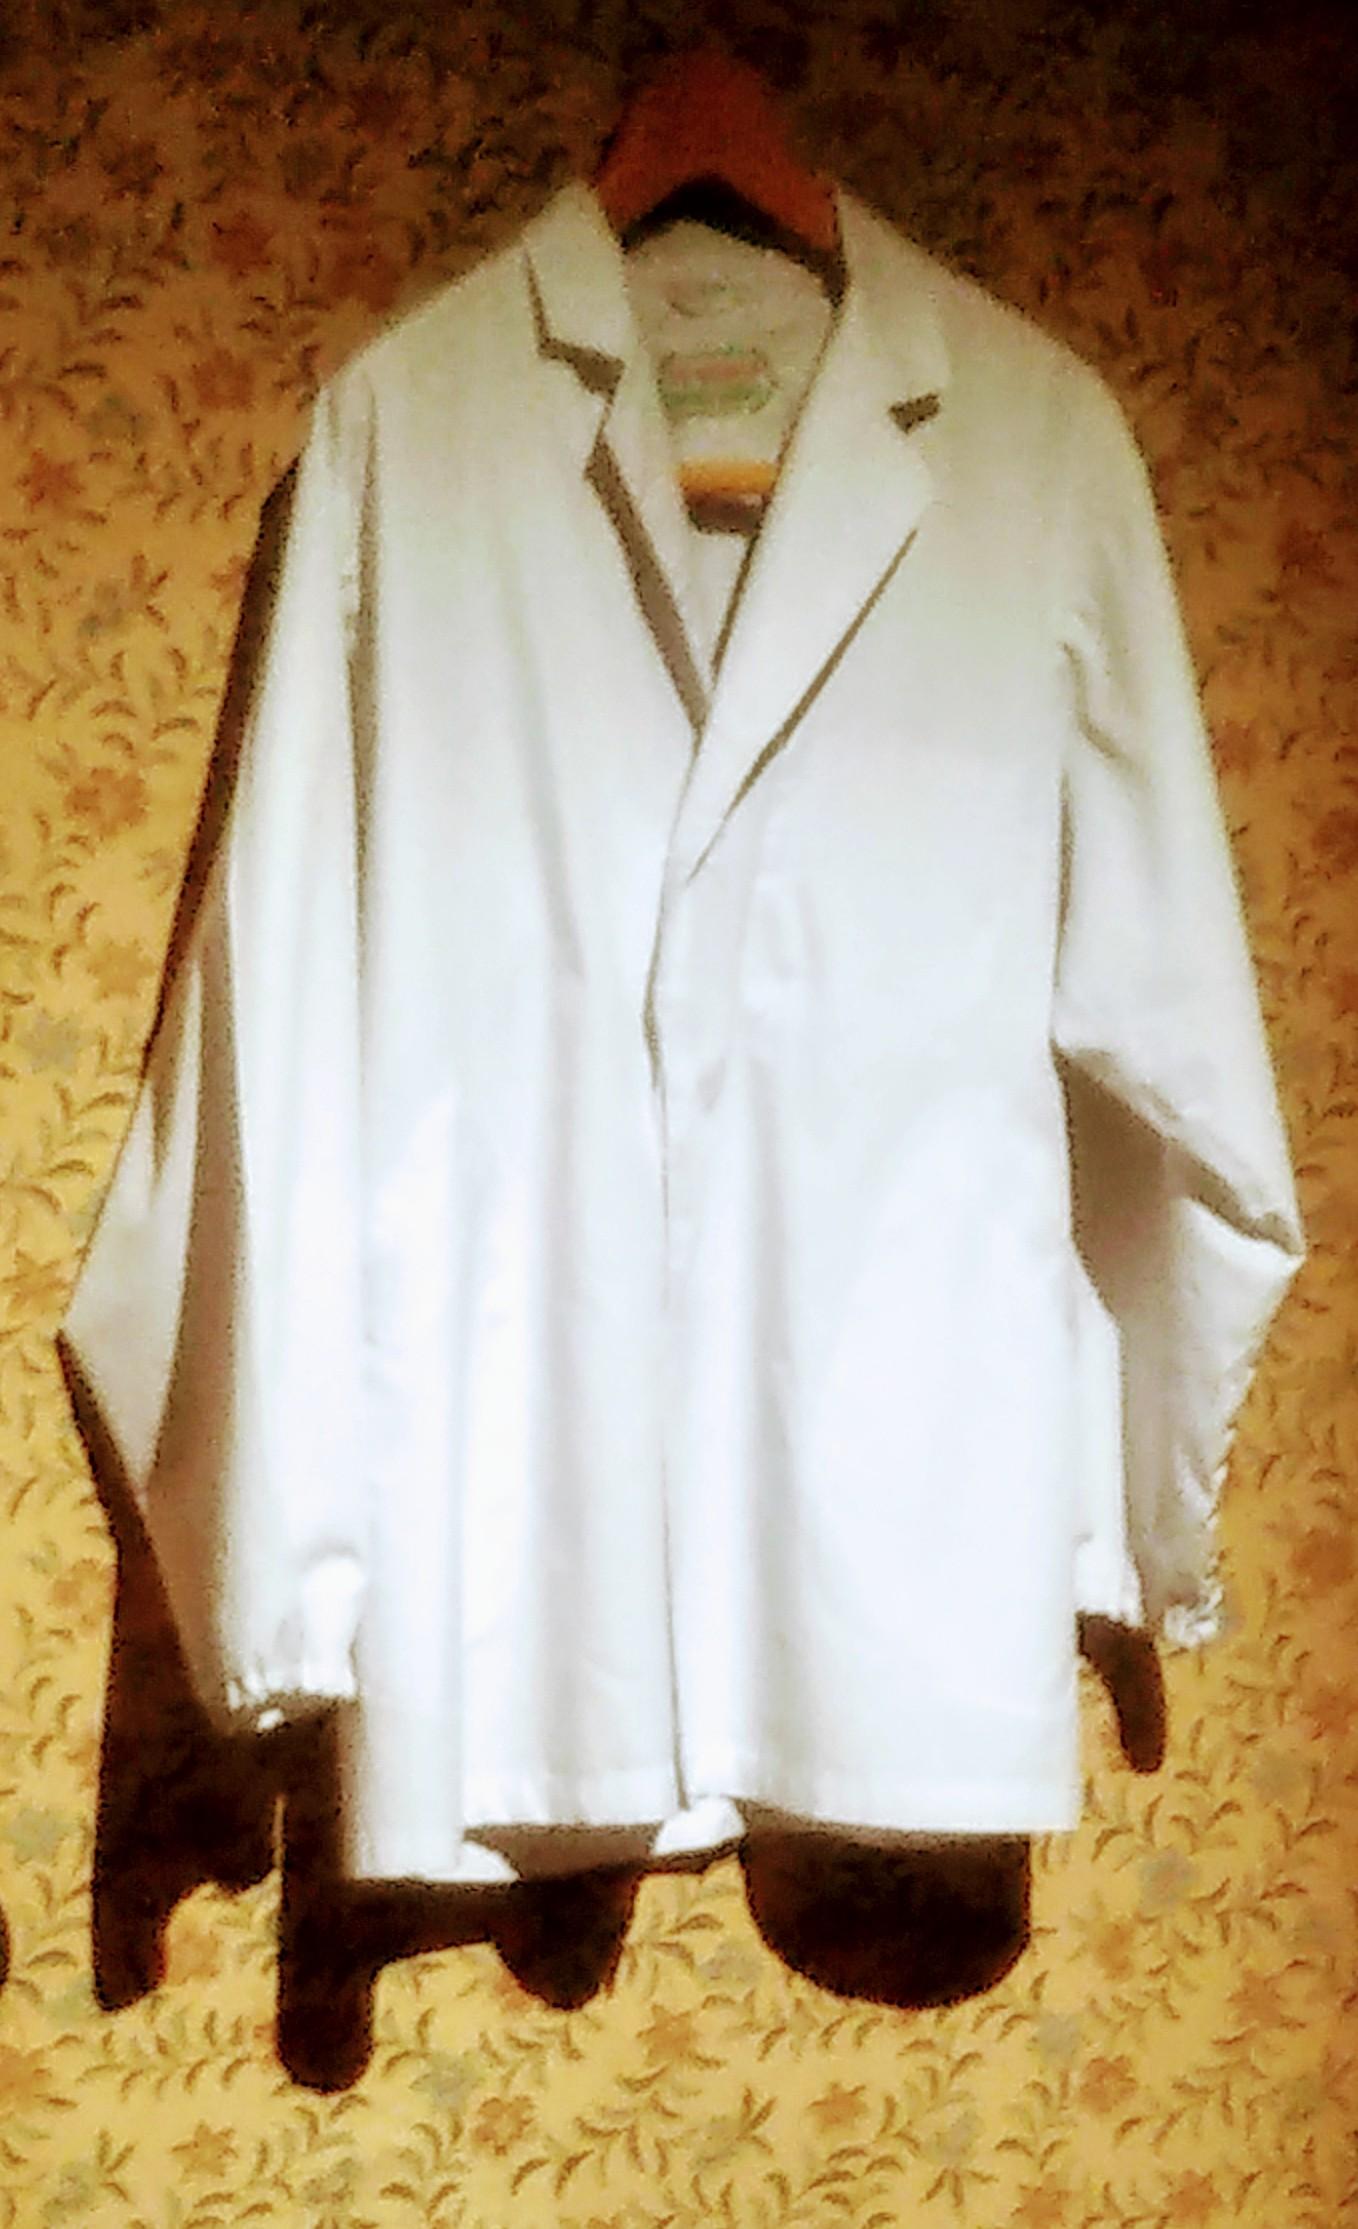 おいちゃんの白衣は、「馬鹿オンステージ」の舞台衣装でもある。(『葛飾柴又 寅さん記念館』にて)